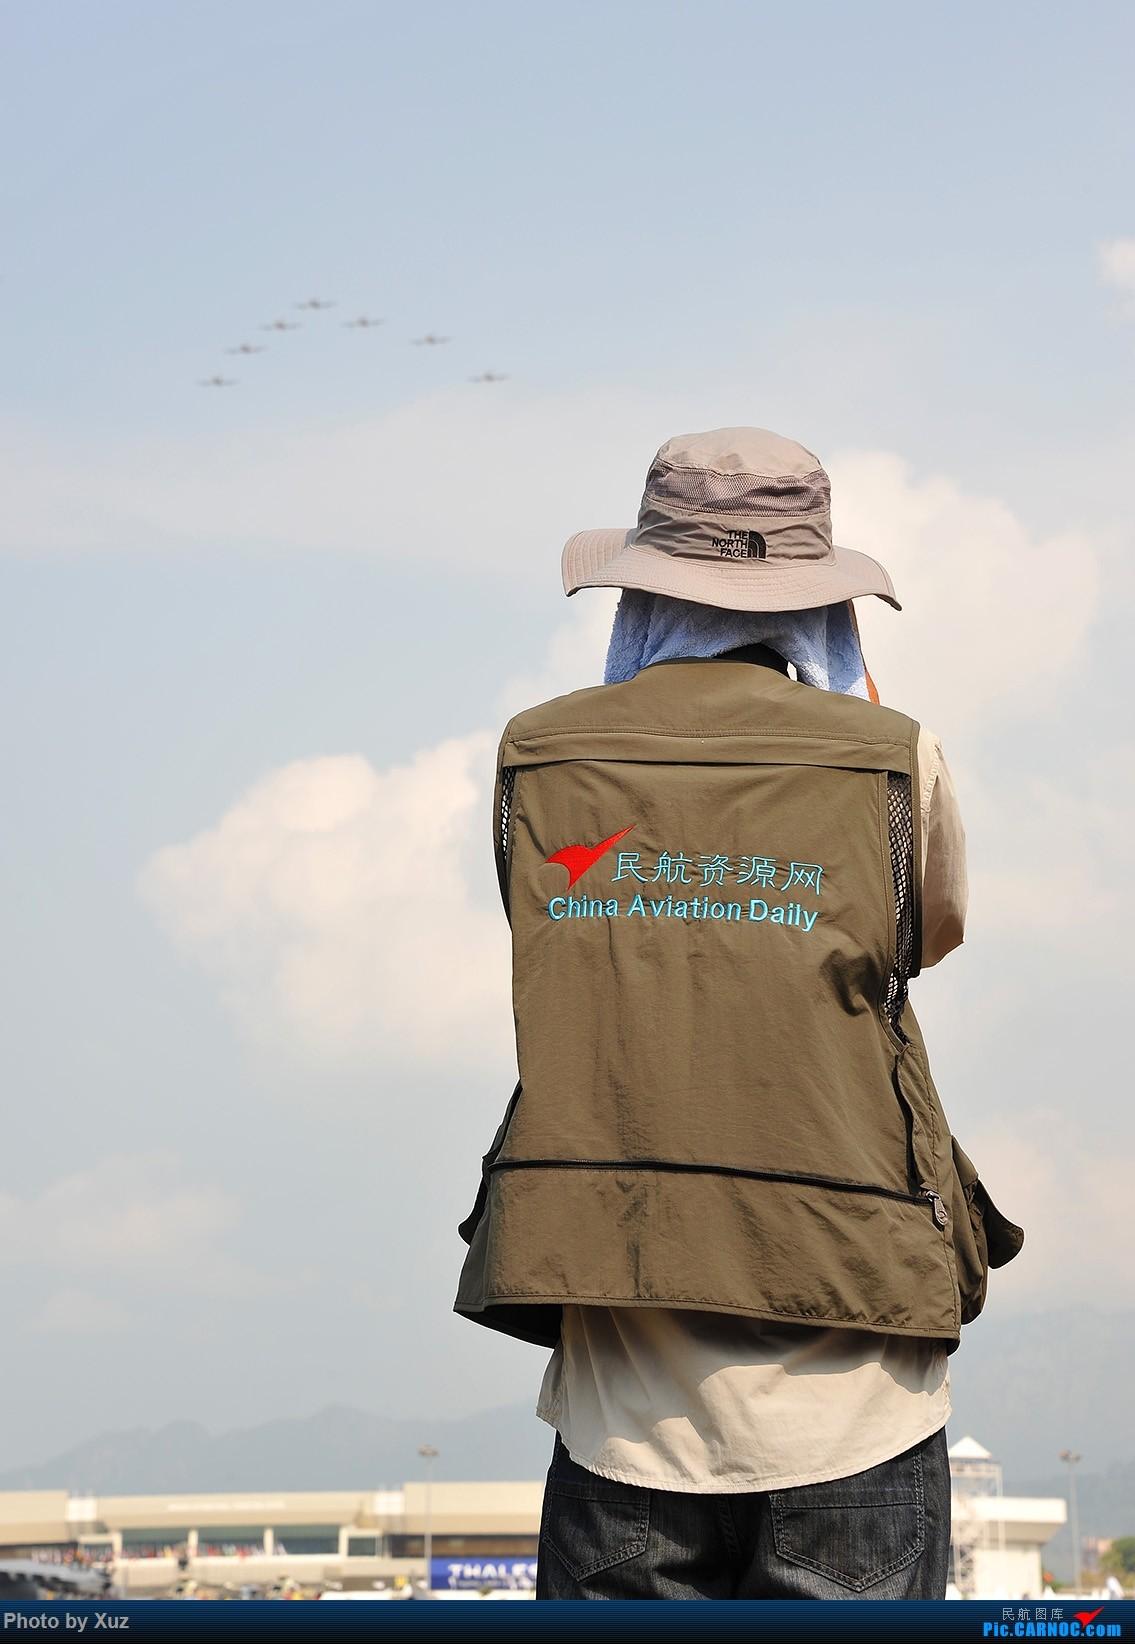 [原创]LIMA'15 --民航资源网飞友在LIMA   马来西亚浮罗交怡机场  CARNOC网友